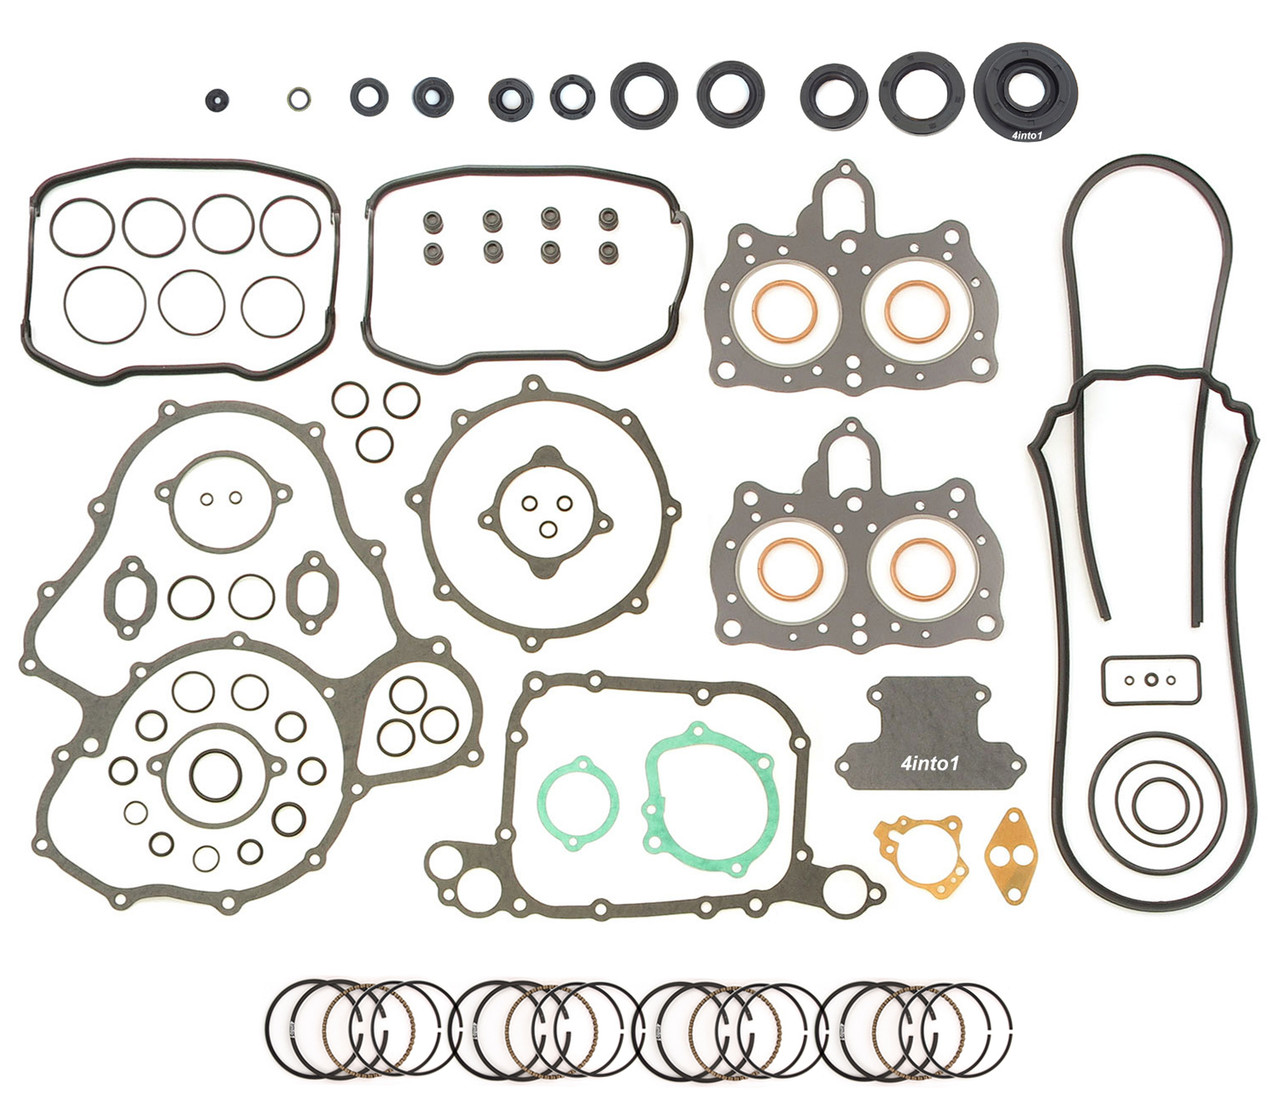 1975-1979 Seals Honda GL1000 Gold Wing Engine Rebuild Kit Gasket Set